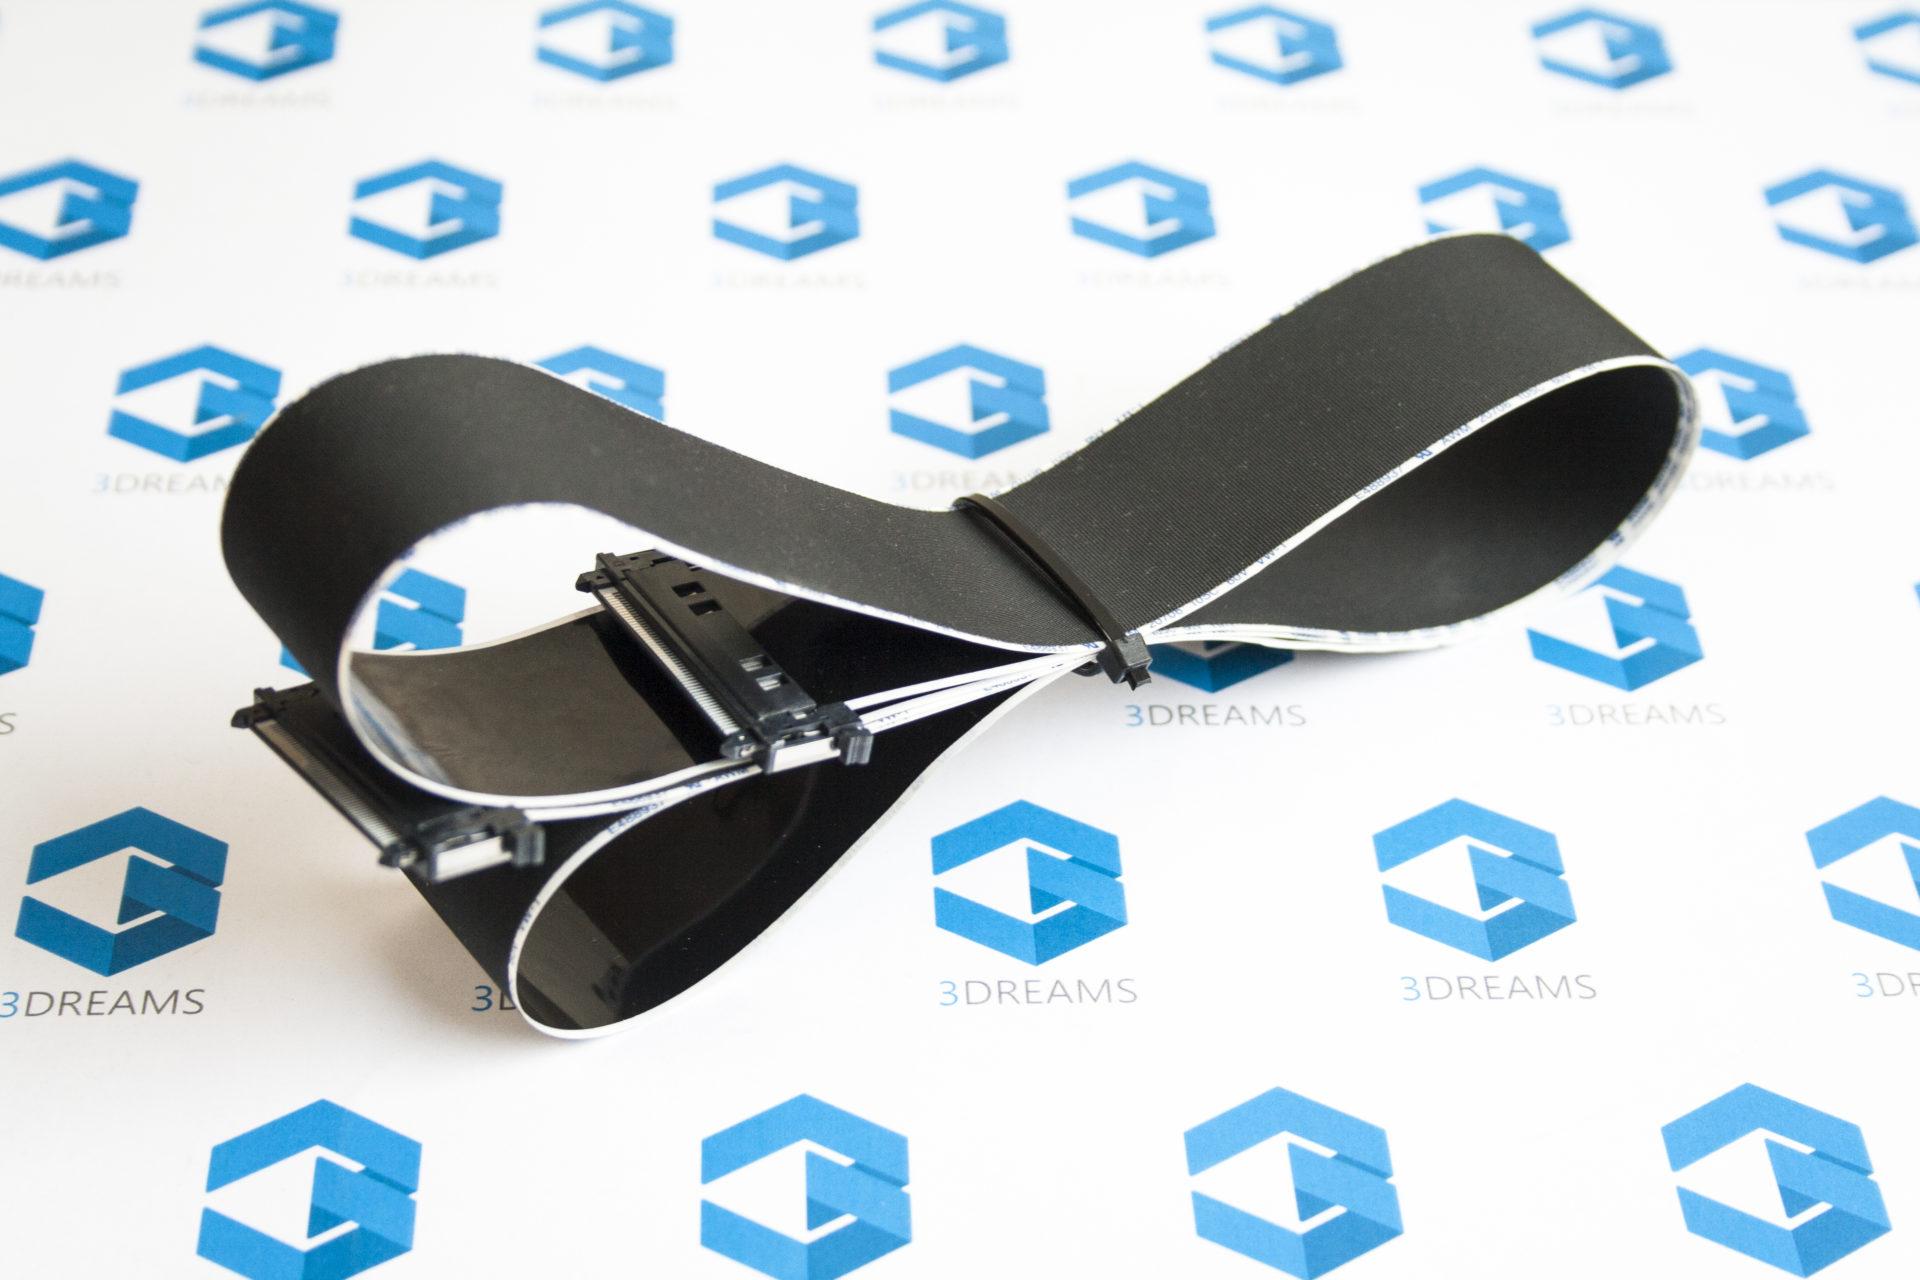 Шлейф для 3D принтера Anycubic 4Max Pro купить украина 1